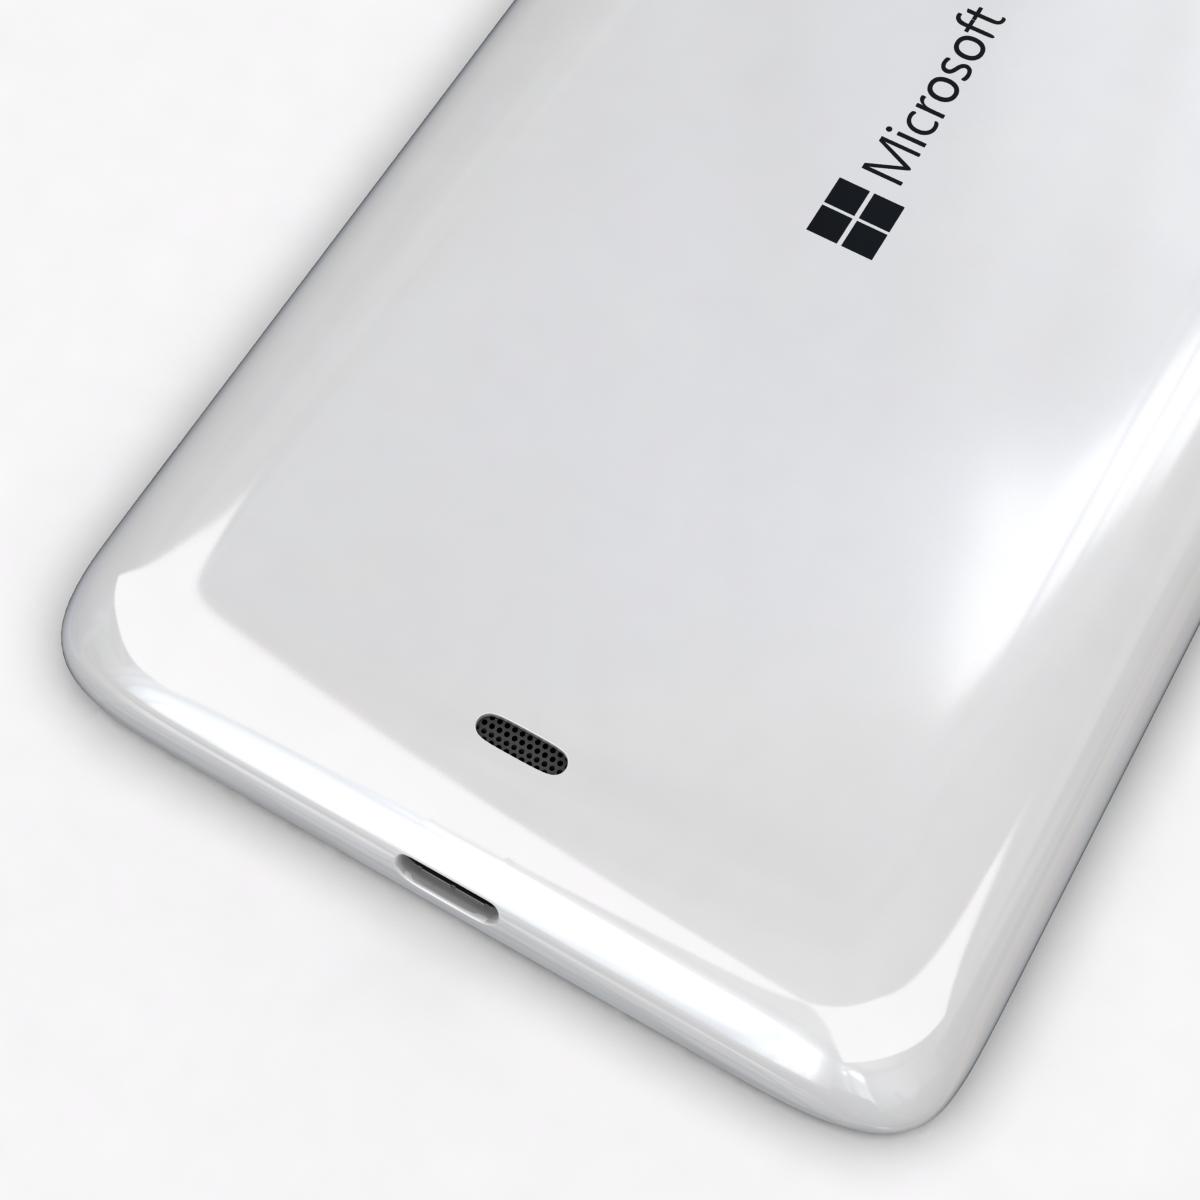 microsoft lumia 535 and dual sim all colors 3d model 3ds max fbx c4d obj 204682